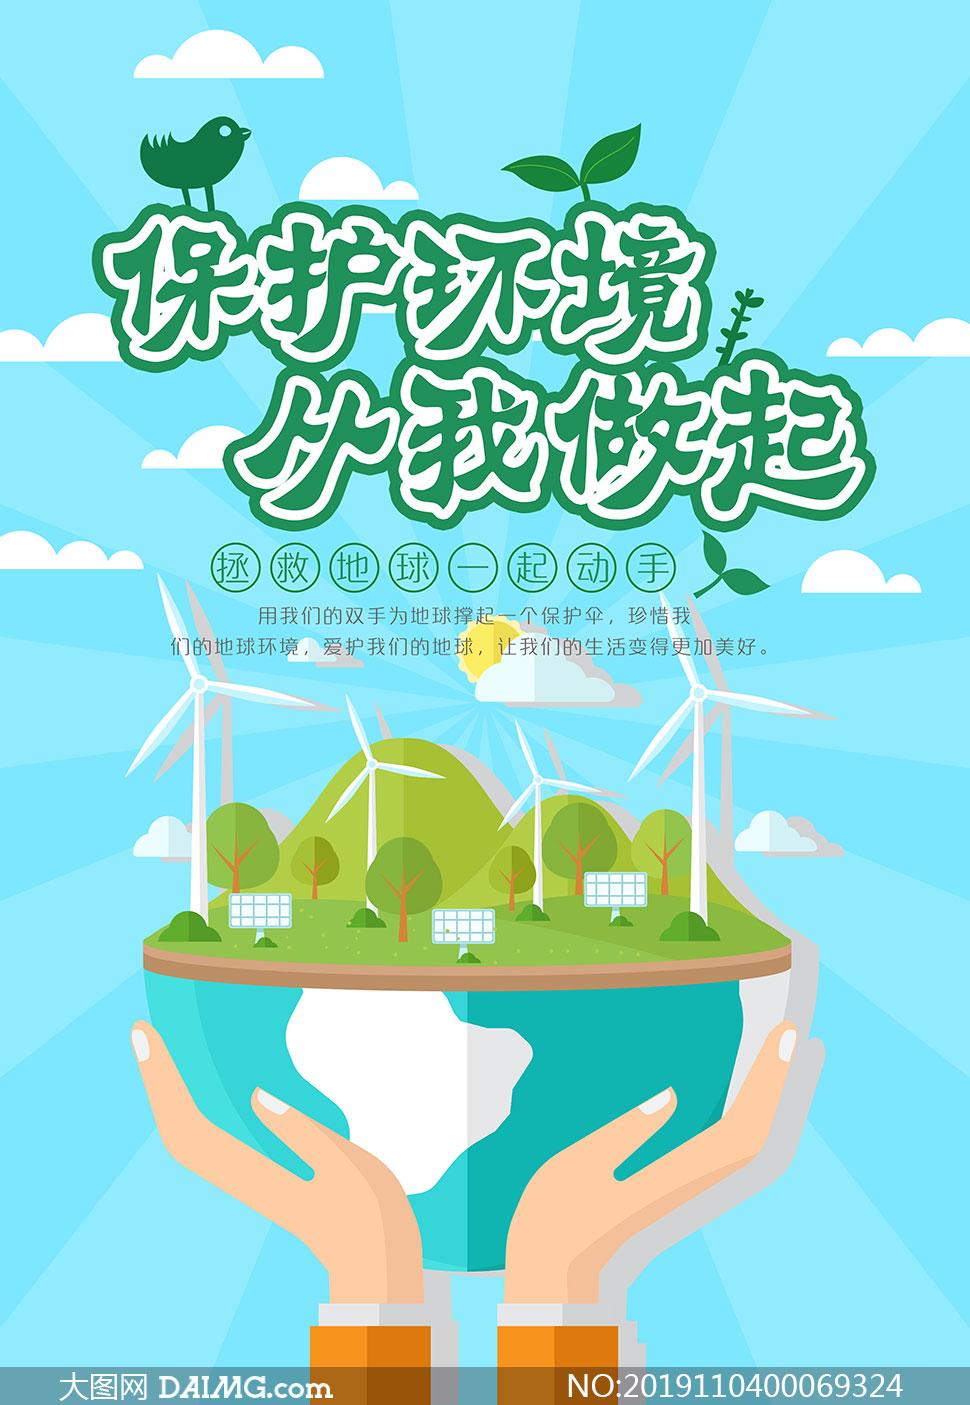 环境保护从我做起公益海报PSD素材